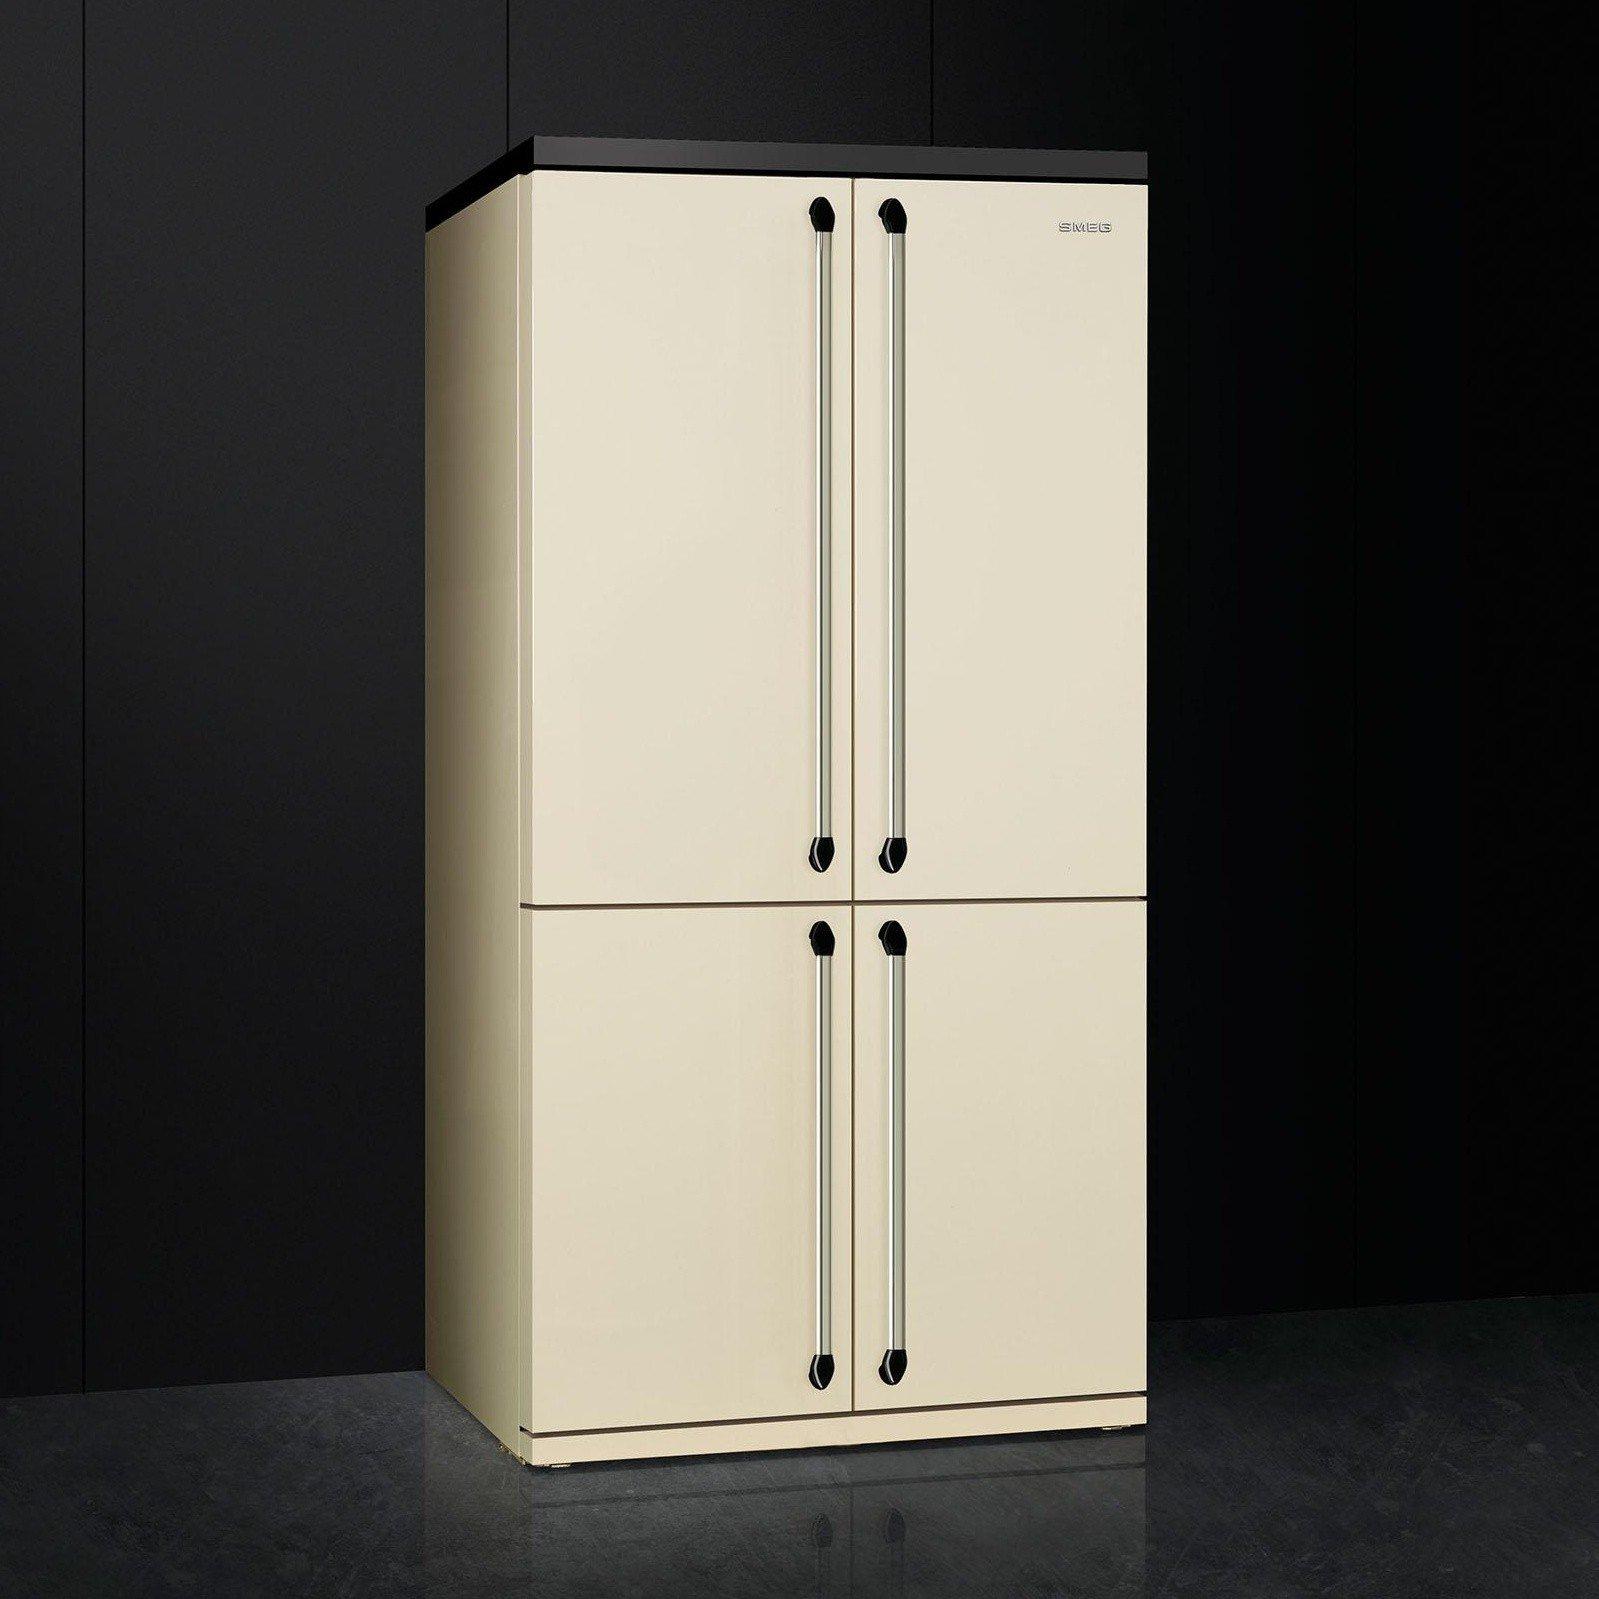 fq960p r frig rateur side by side smeg. Black Bedroom Furniture Sets. Home Design Ideas